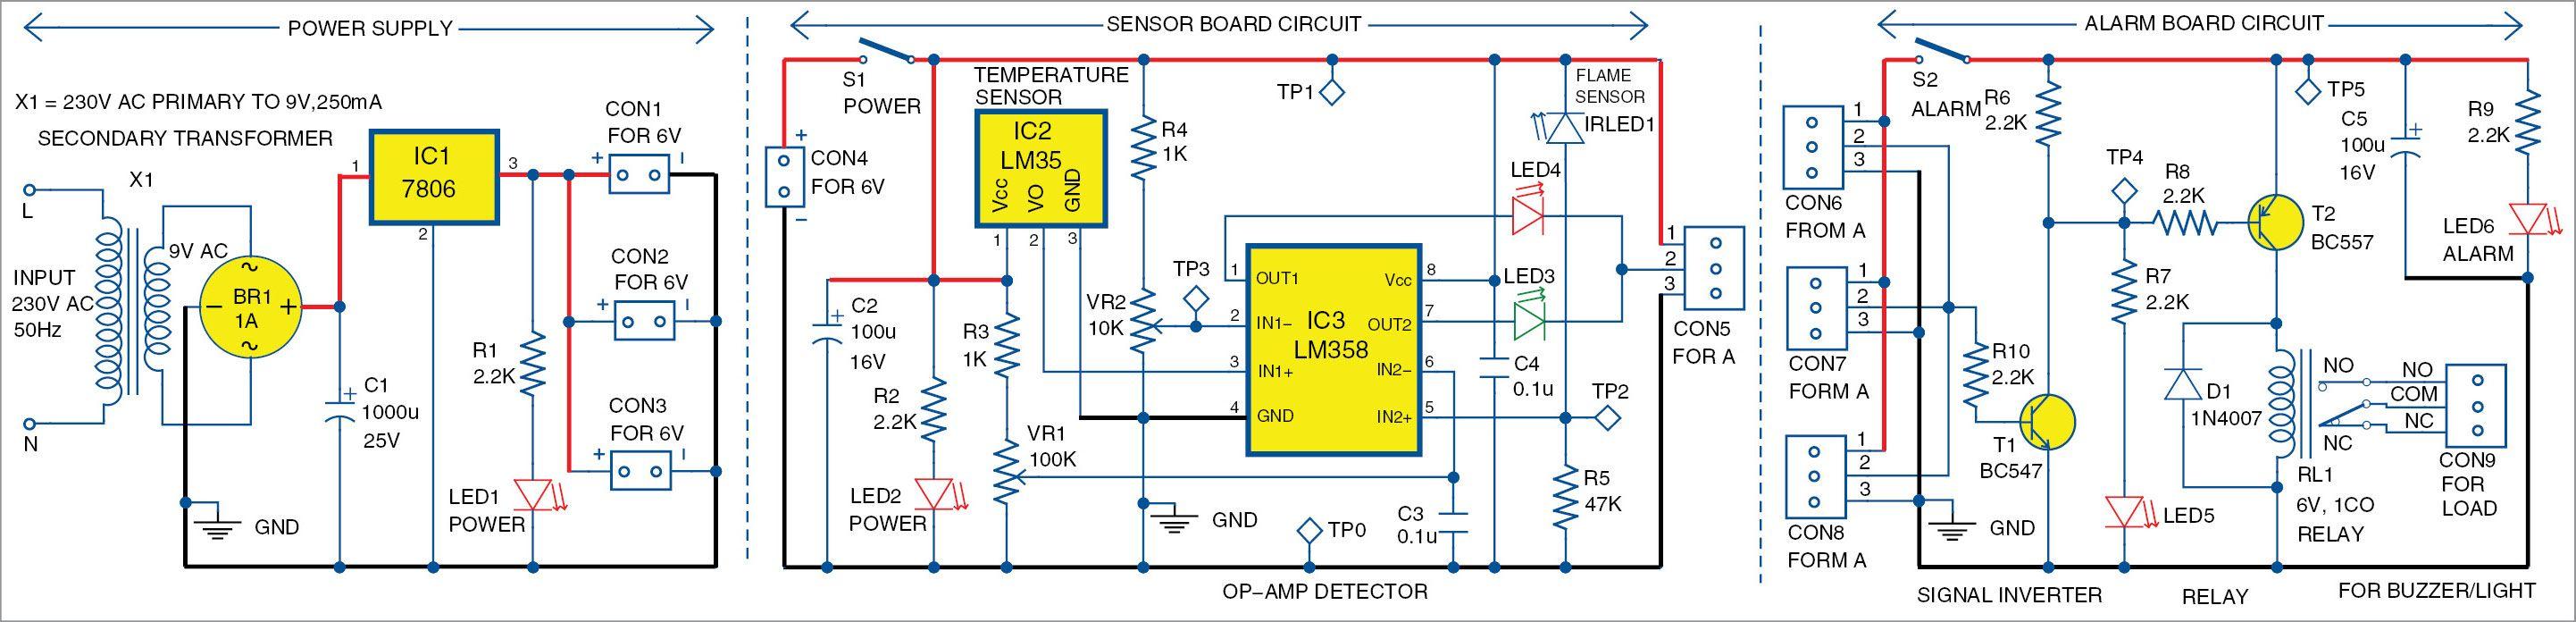 simple multi sensor fire alarm [ 2884 x 696 Pixel ]